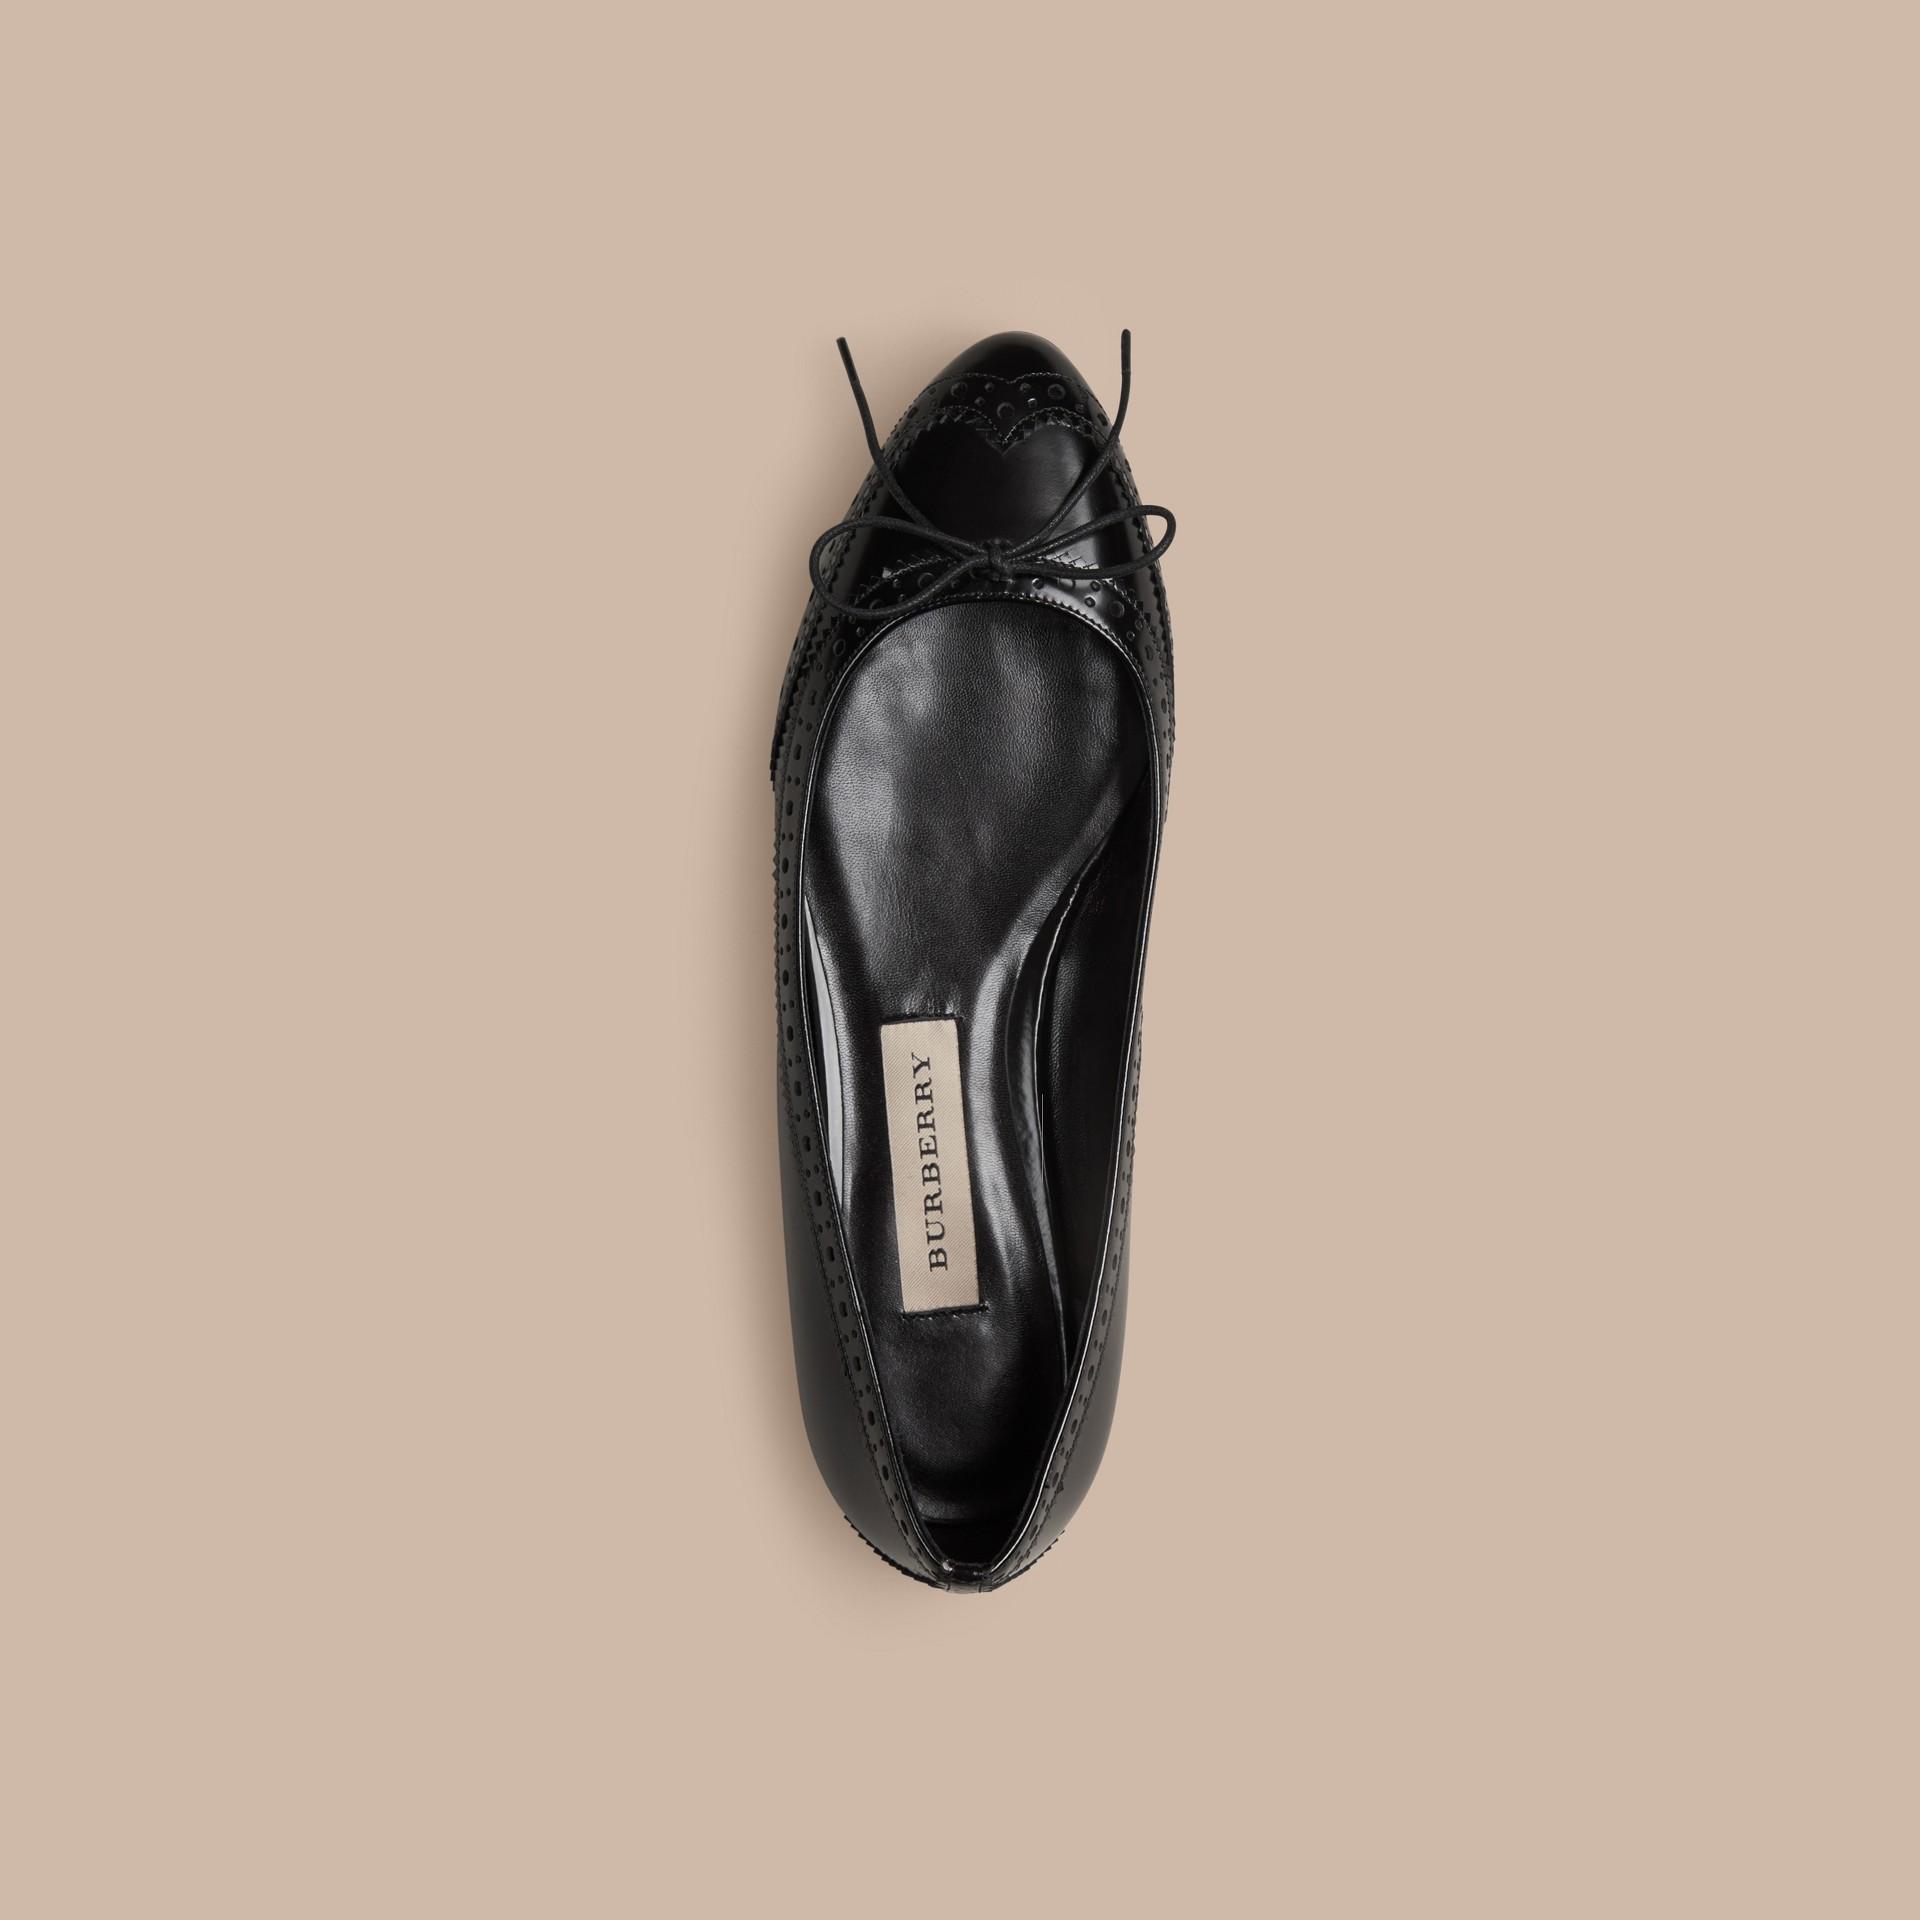 Nero Ballerine in pelle con dettaglio brogue - immagine della galleria 3